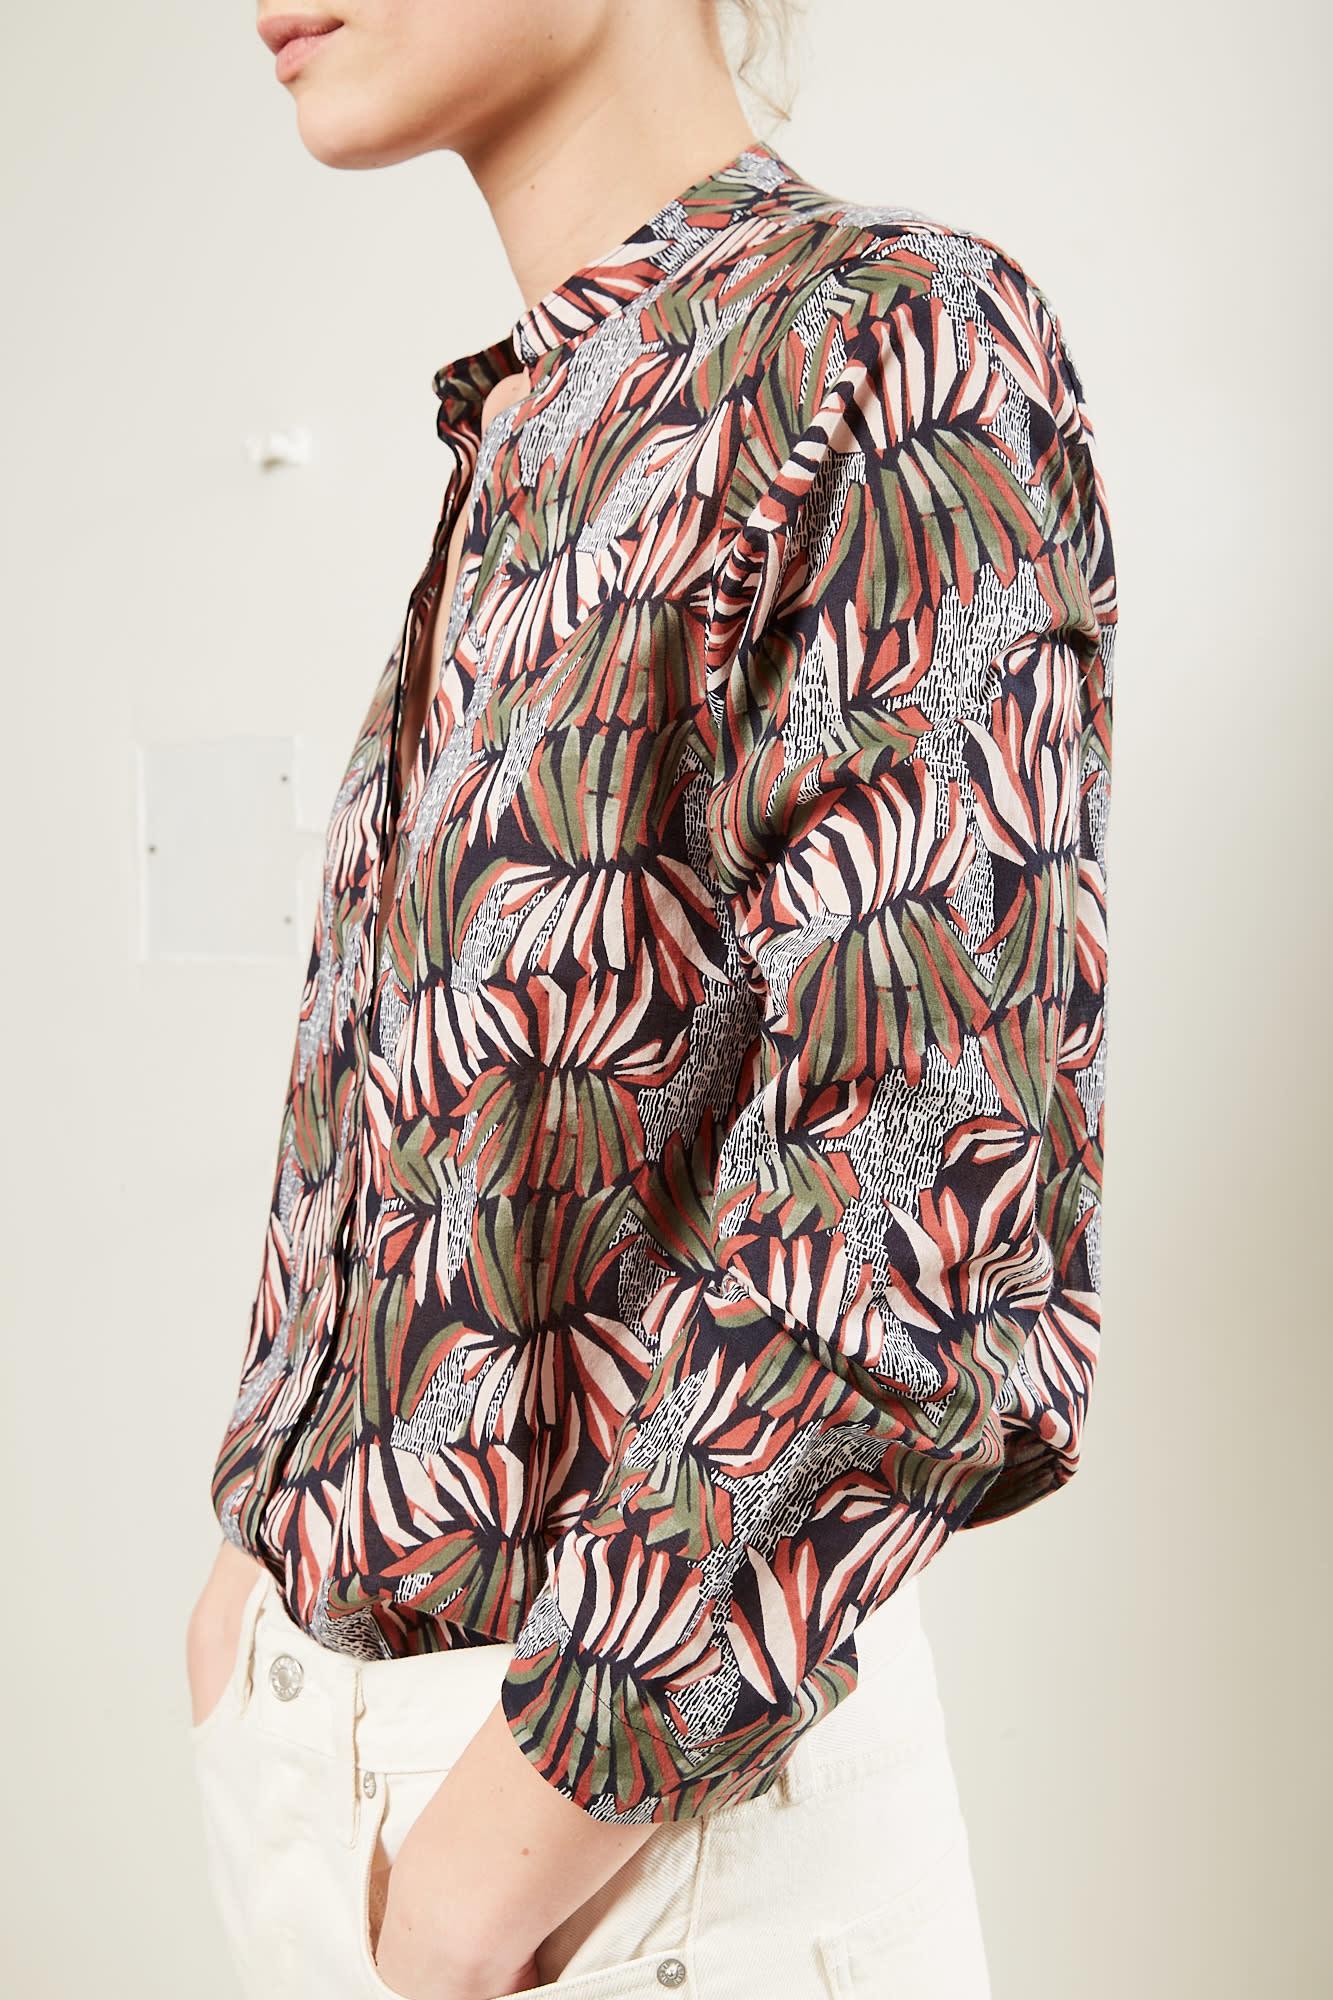 Diega Caboa chemise 1 5641